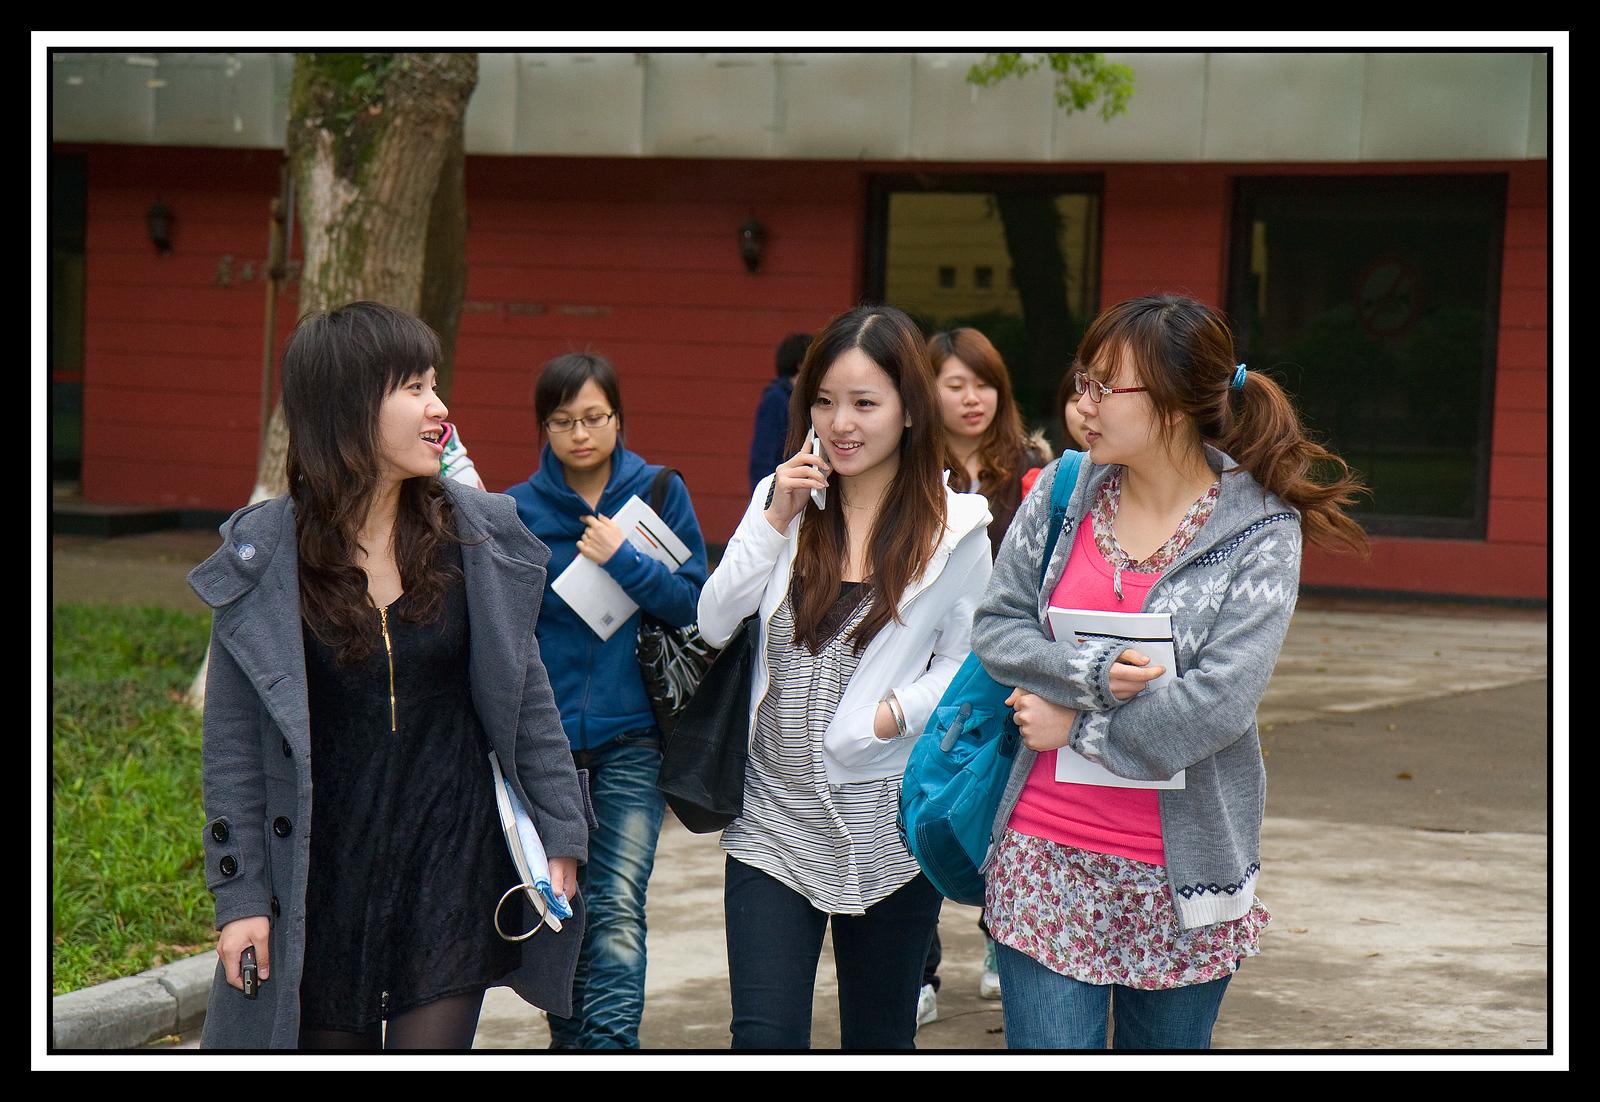 IMAGE: https://photos.smugmug.com/Travel/CHINA-FOCUS-TOUR-2010-GUILIN/i-gkr3H5J/0/c7f167fe/X3/A%20-%201233%20students%20walking%20to%20class-X3.jpg